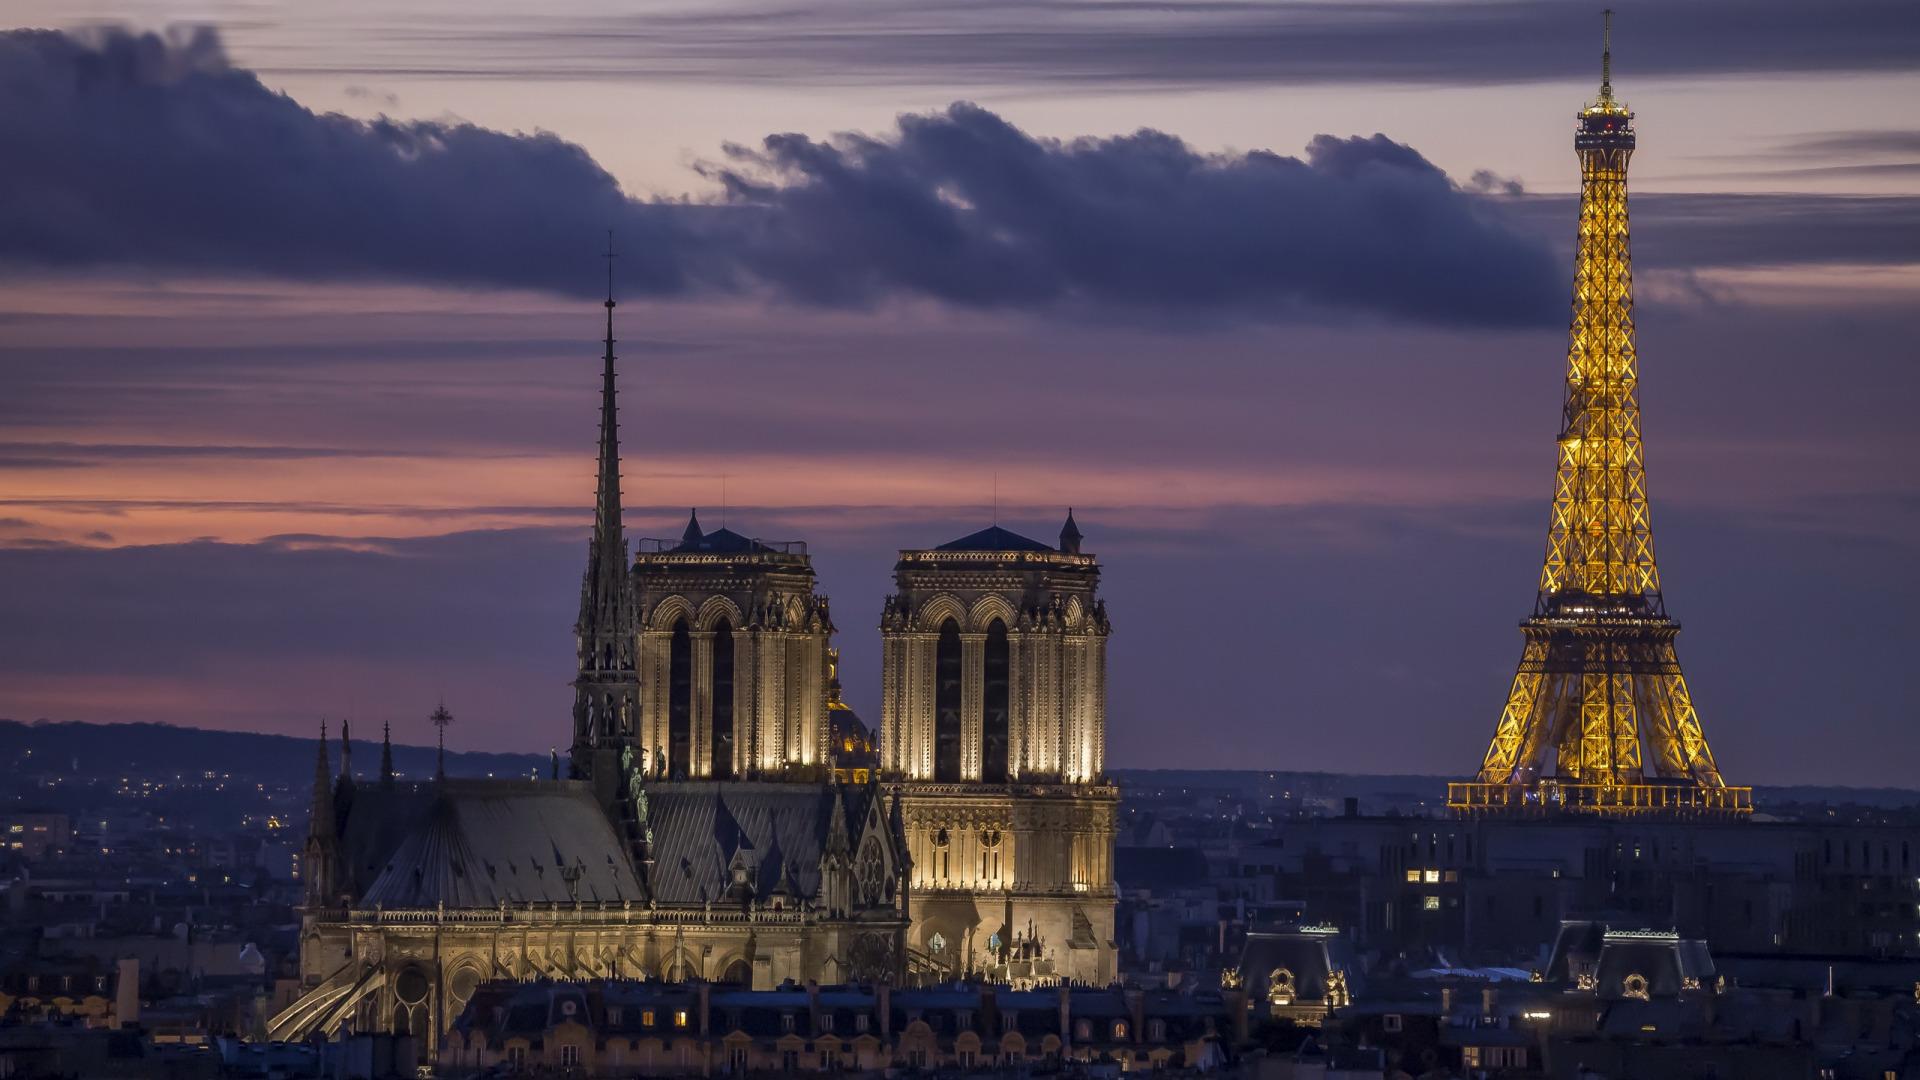 デスクトップ壁紙 建築 建物 家 パリ エッフェル塔 1920x1080